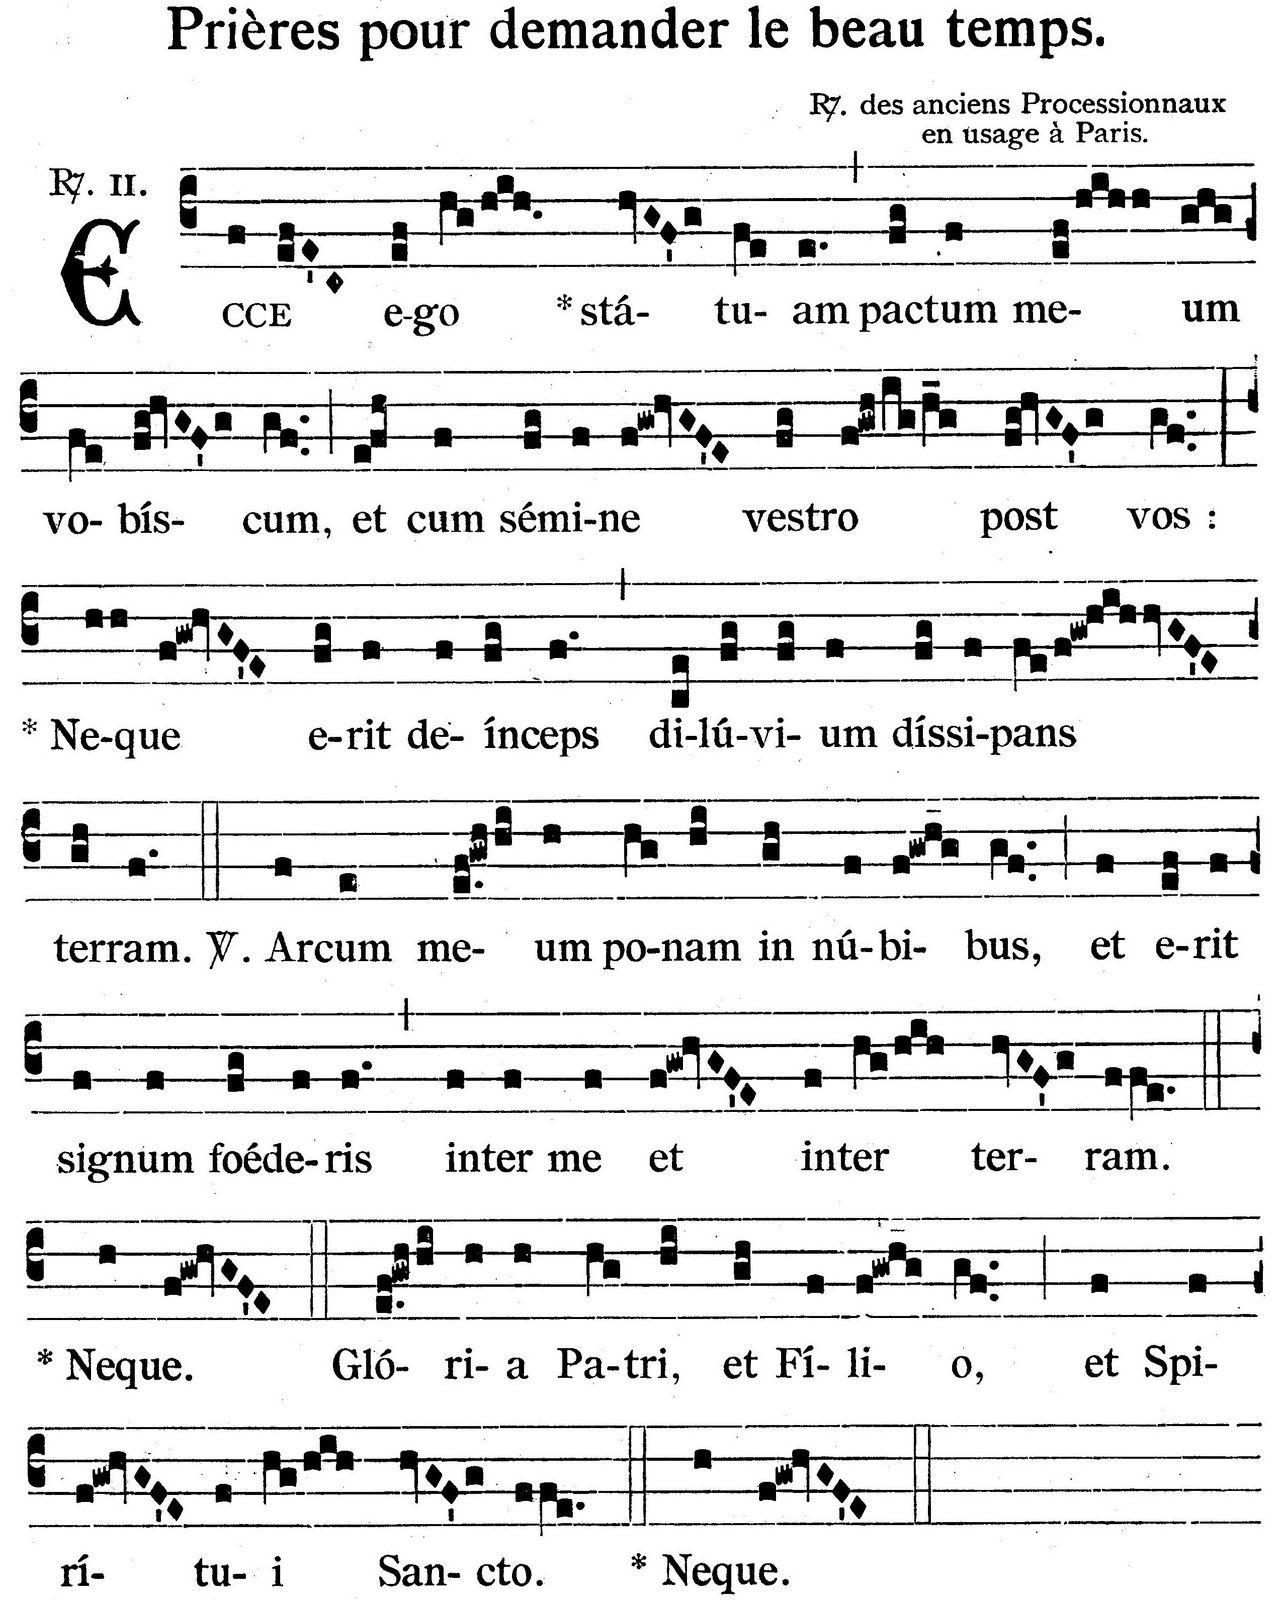 Antiphonaire - Société Saint Jean l'Évangéliste Desclée & Cie - Imprimeurs du Saint-Siège et de la Sacrée Congrégation des rites - Paris, Tournai, Rome